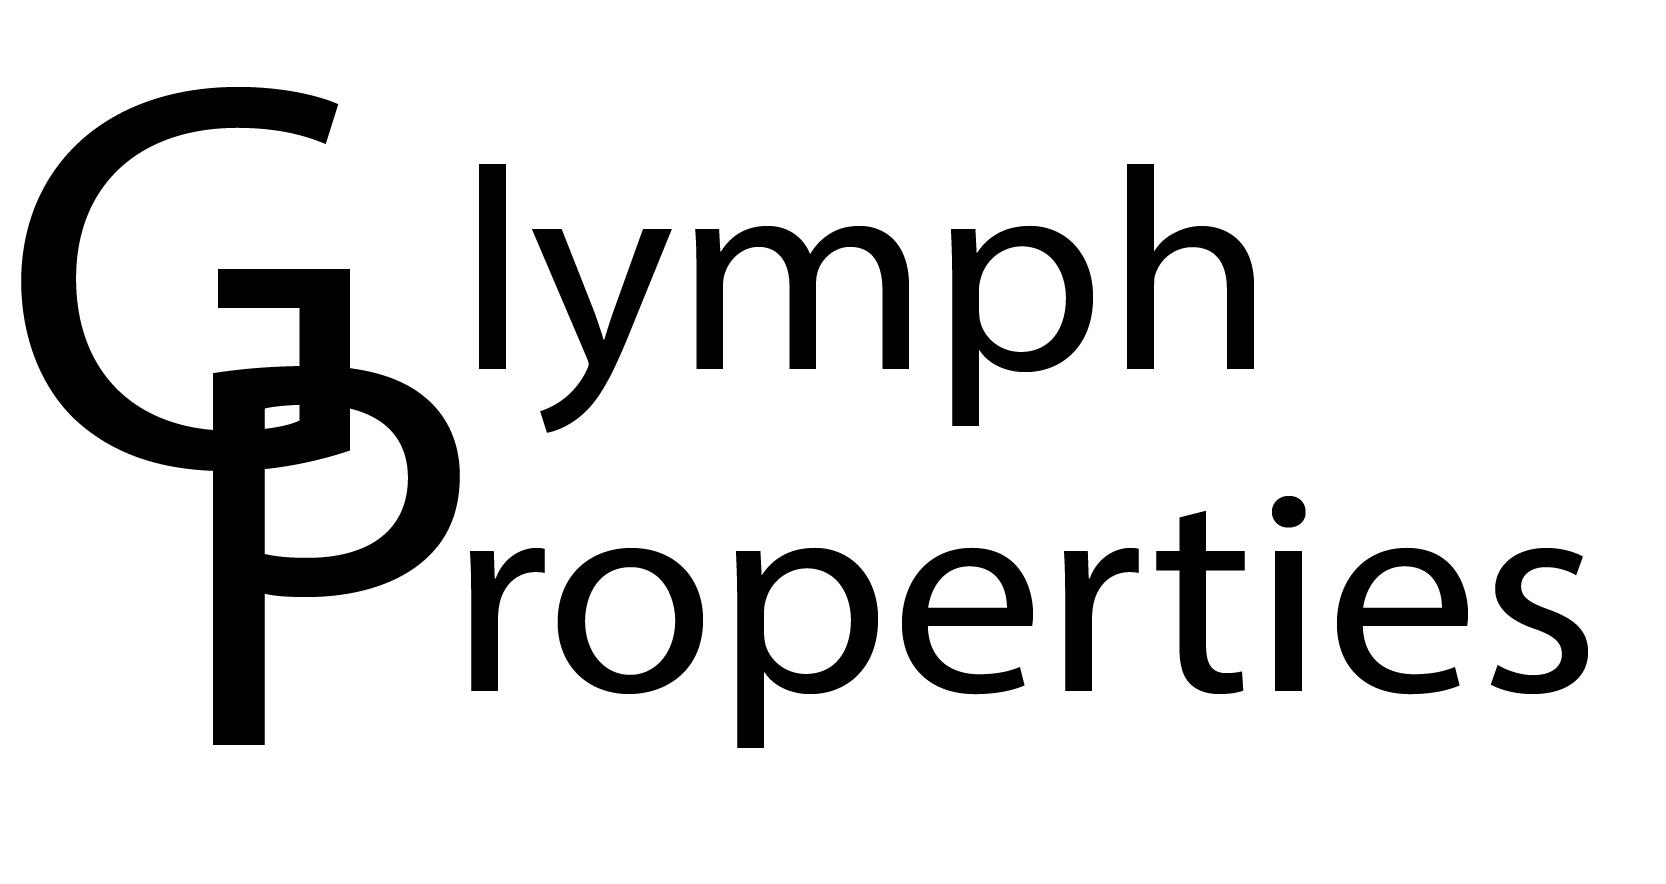 Glymph Properties